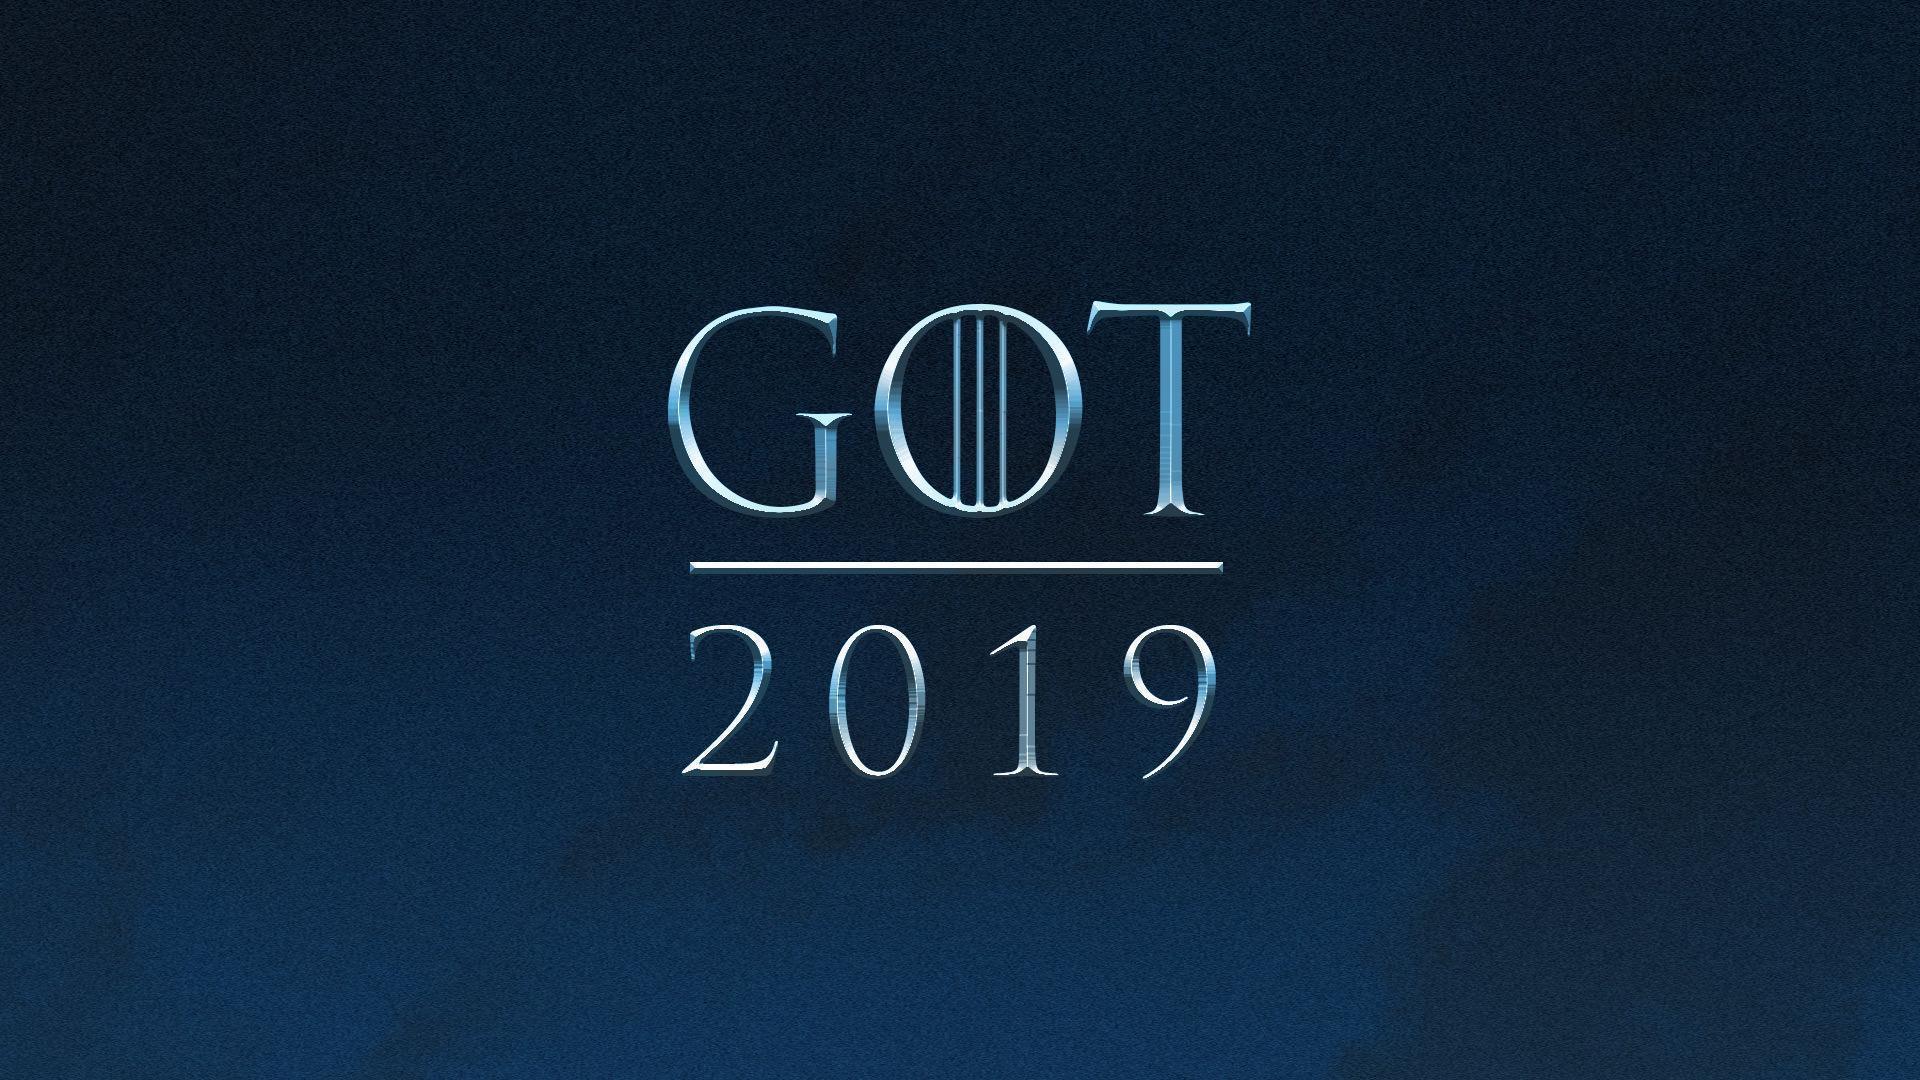 مسلسل Game of Thrones الموسم الثامن الحلقة 1 الأولى مترجمة HD اون لاين